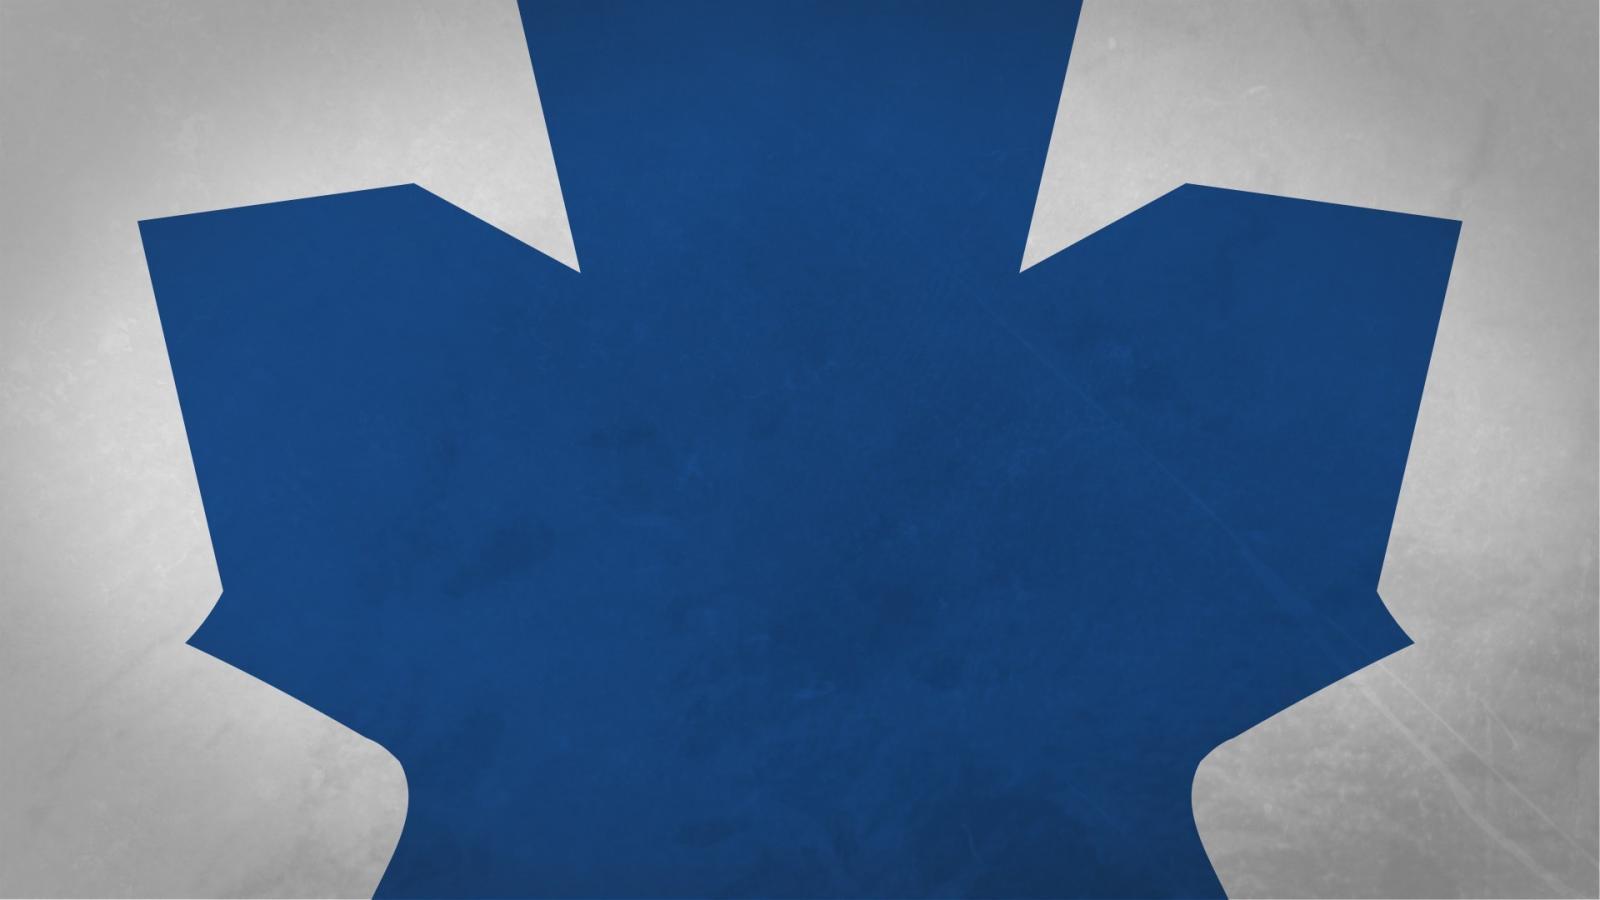 Hockey nhl logos simple toronto maple leafs wallpaper 76113 1600x900